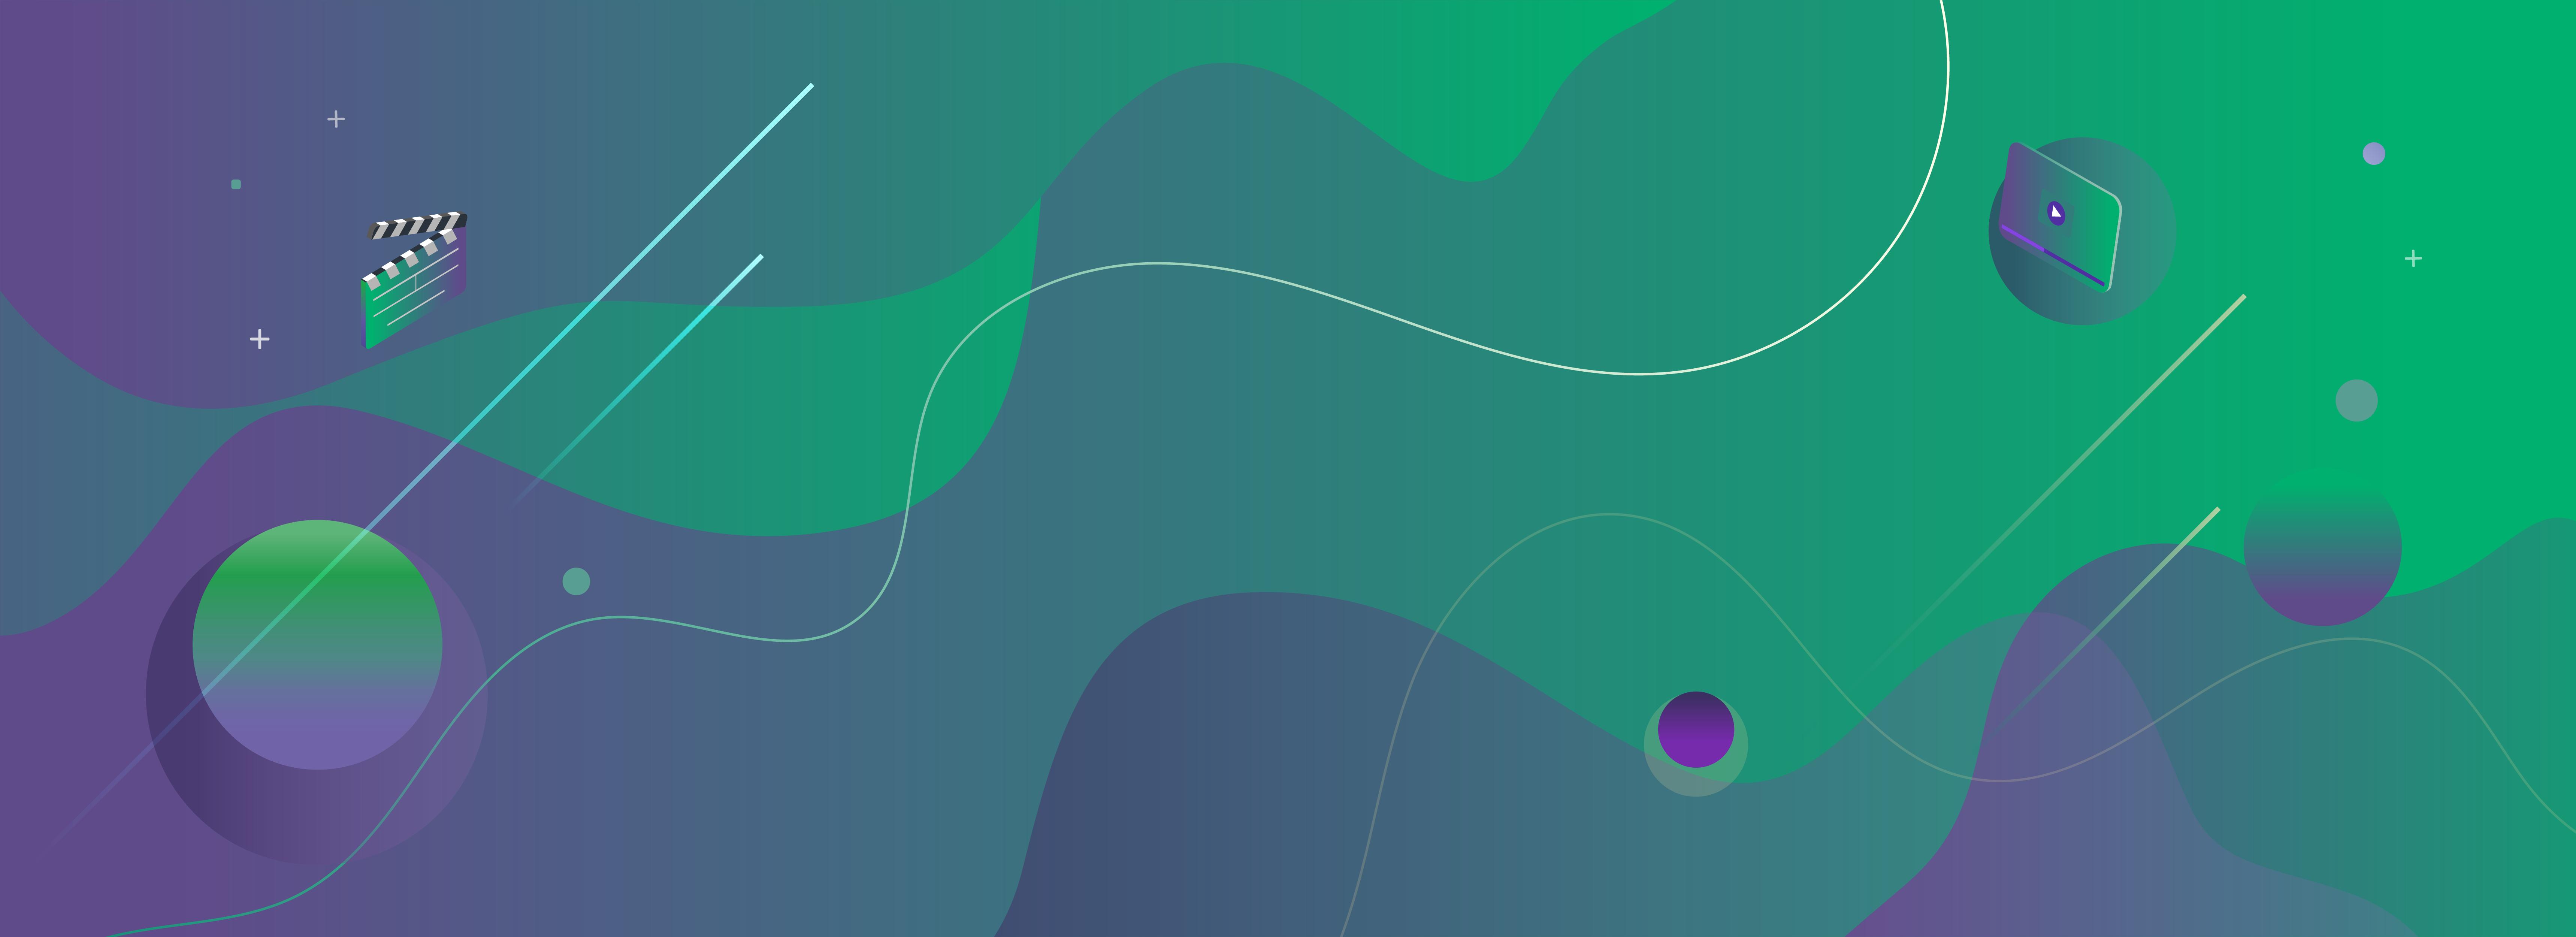 png-animationen-banner-hintergrund